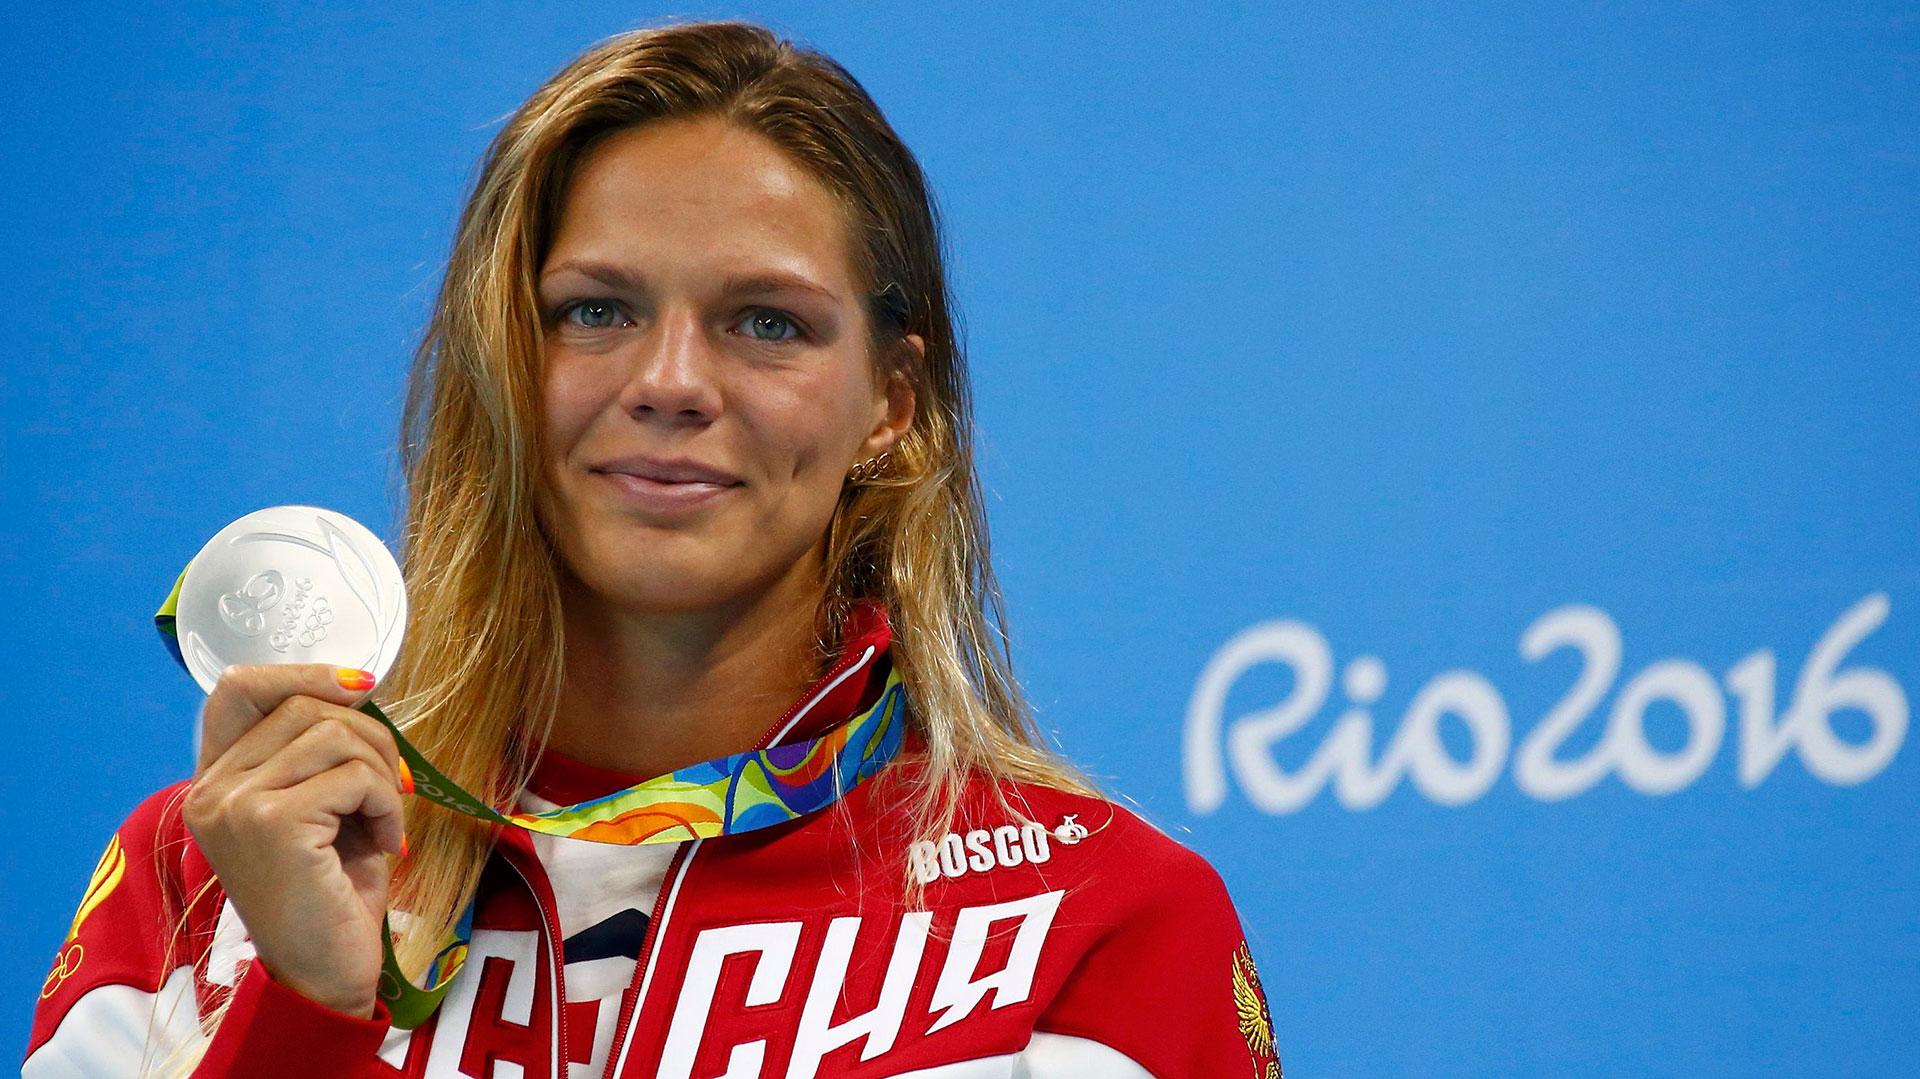 La rusa Yulia Efimova posa con su medalla de plata en el podio de los 100 metros de natación (Reuters)